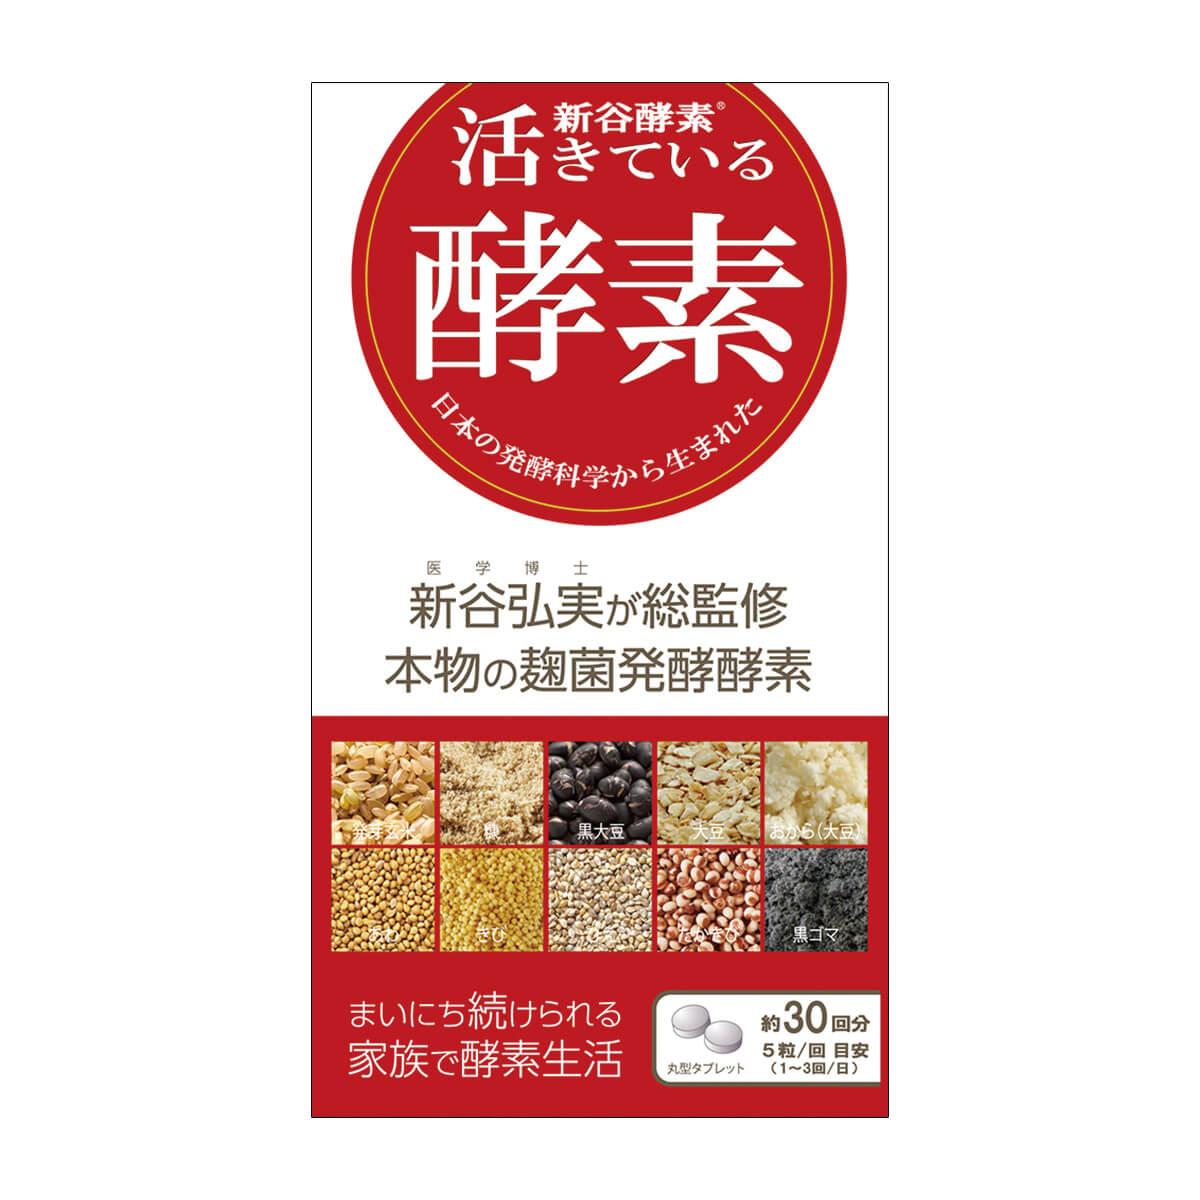 新谷酵素 エンザイムスタンダード S  150粒(30回分)